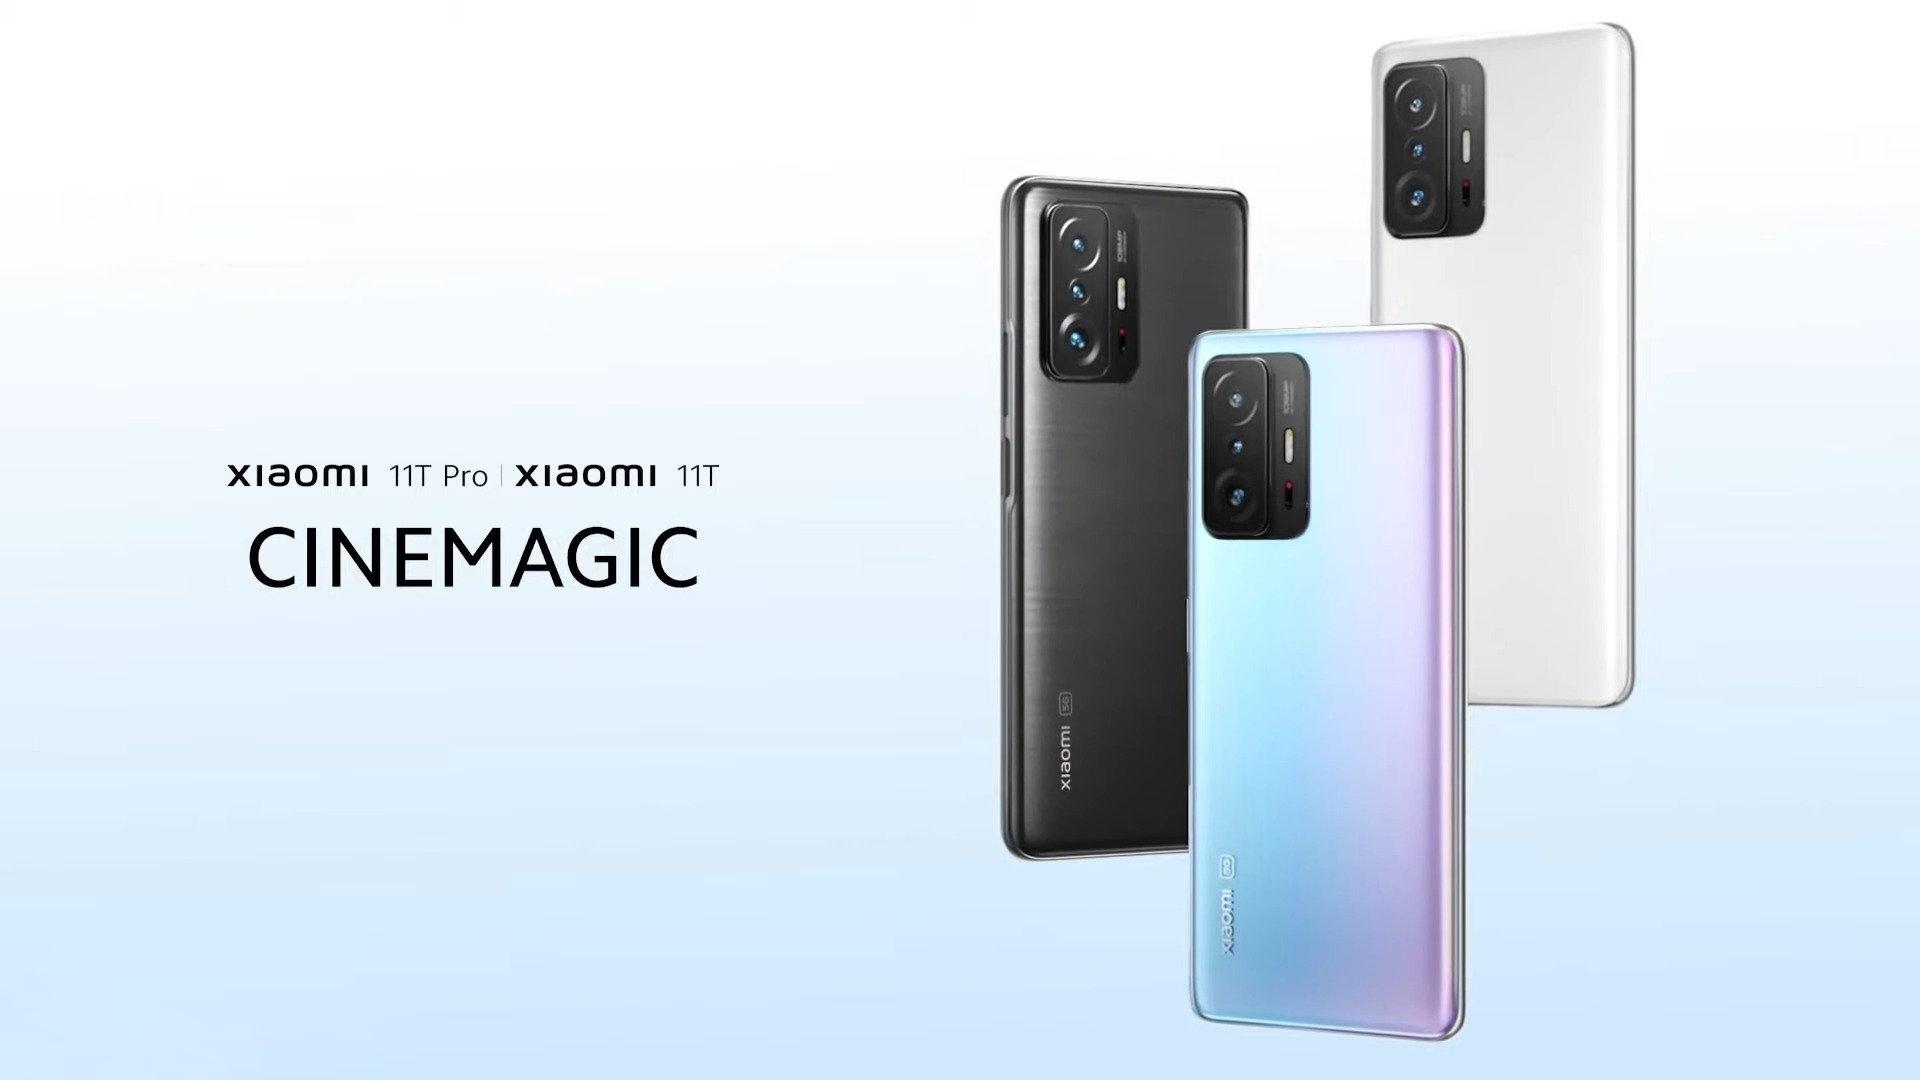 Xiaomi 11T и Xiaomi 11T Pro приехали в Украину: чипы Dimensity 1200/Snapdragon 888, сверхбыстрая зарядка и акционный ценник от 11999 грн